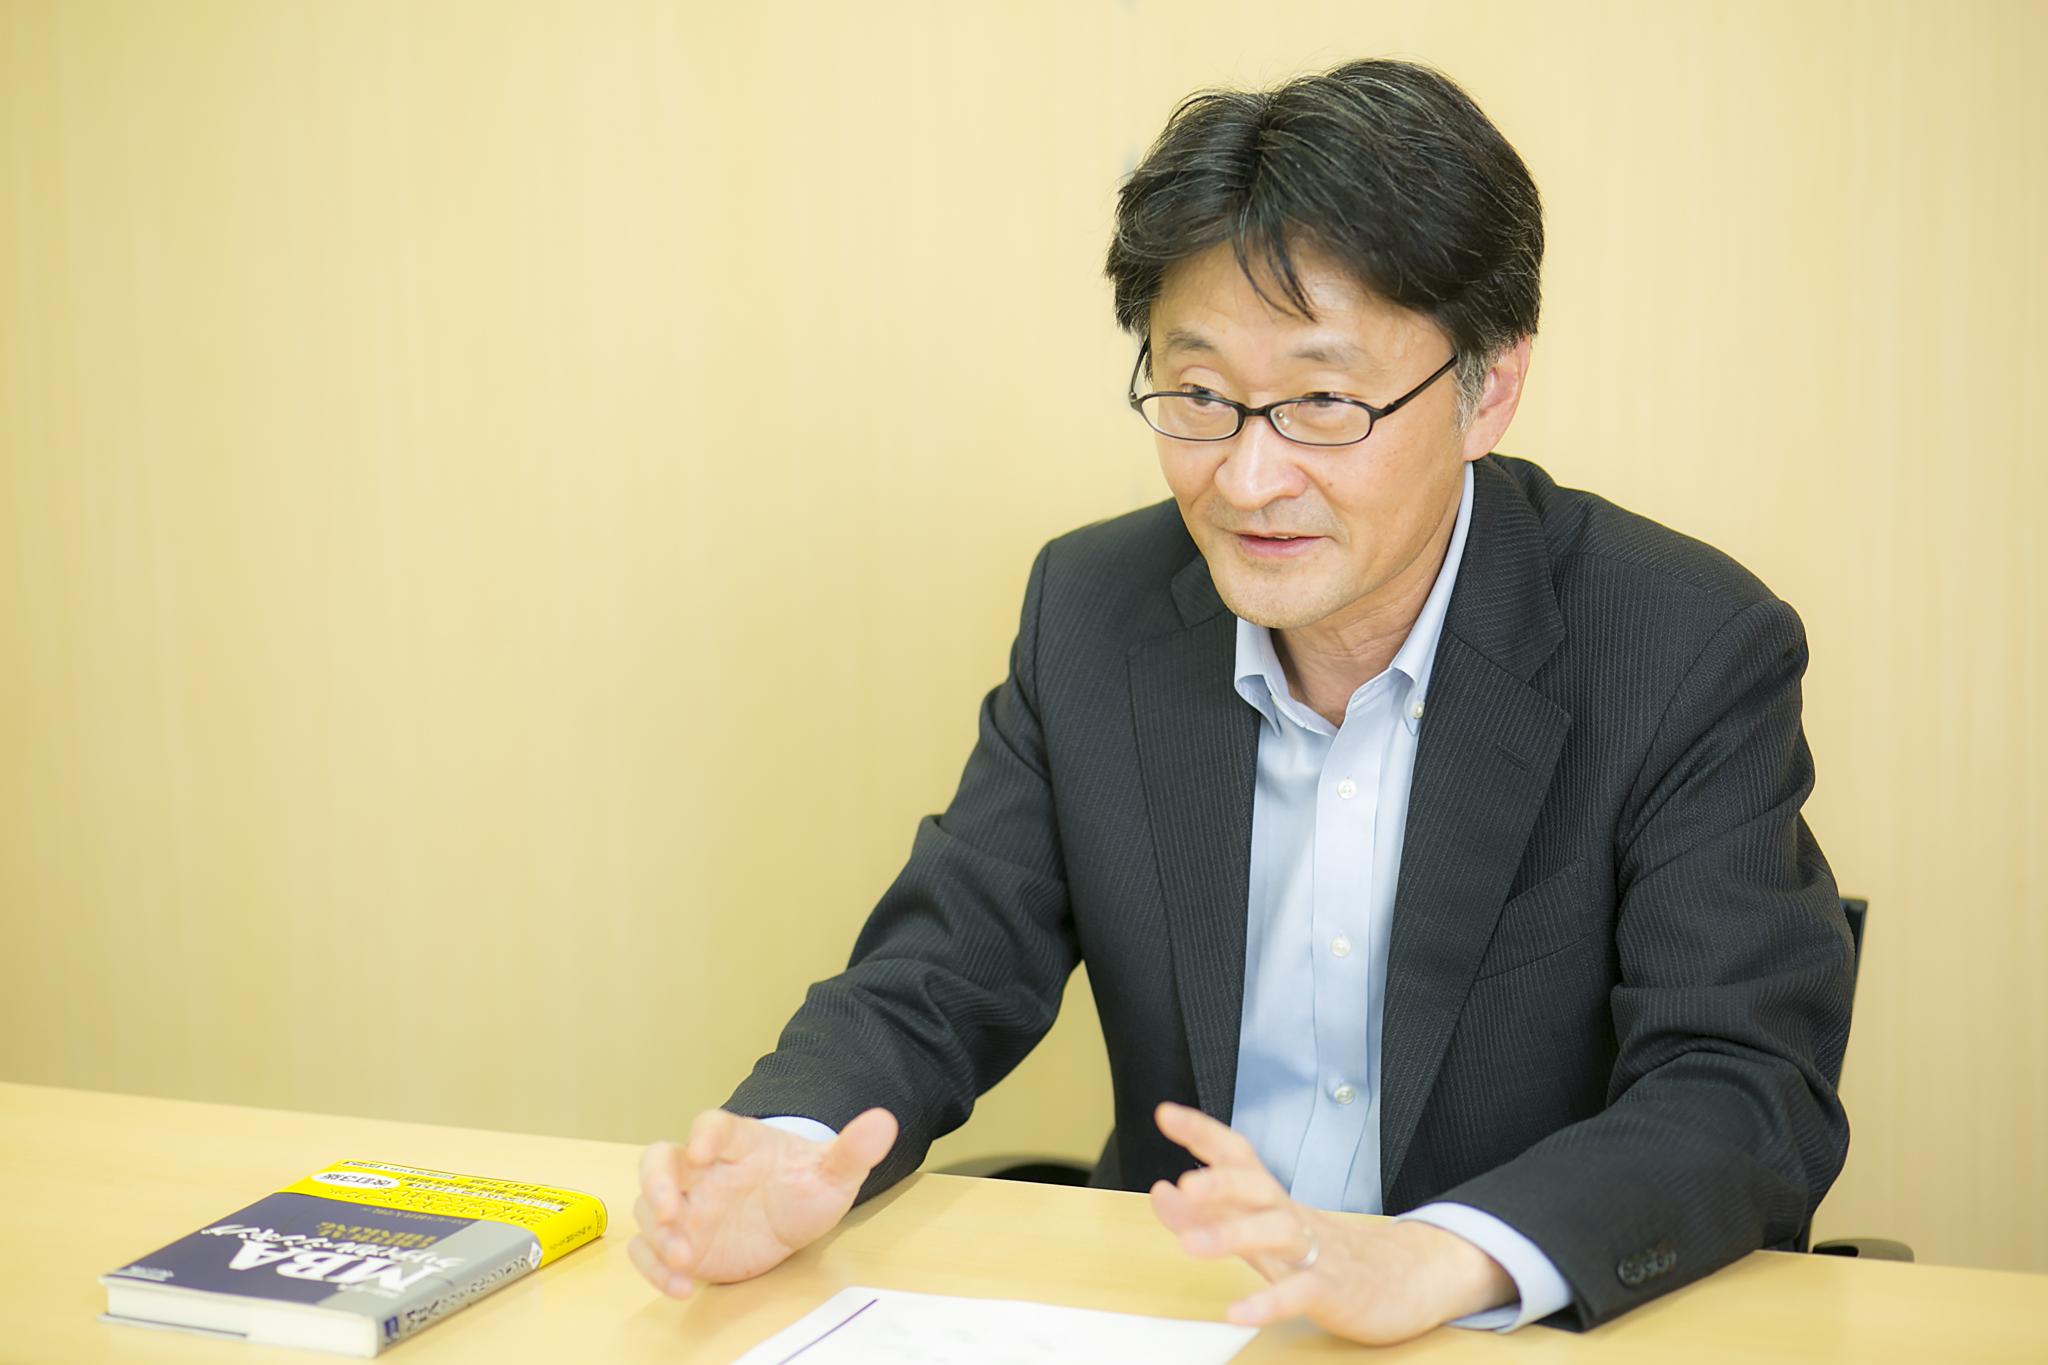 岡 重文さんインタビュー画像